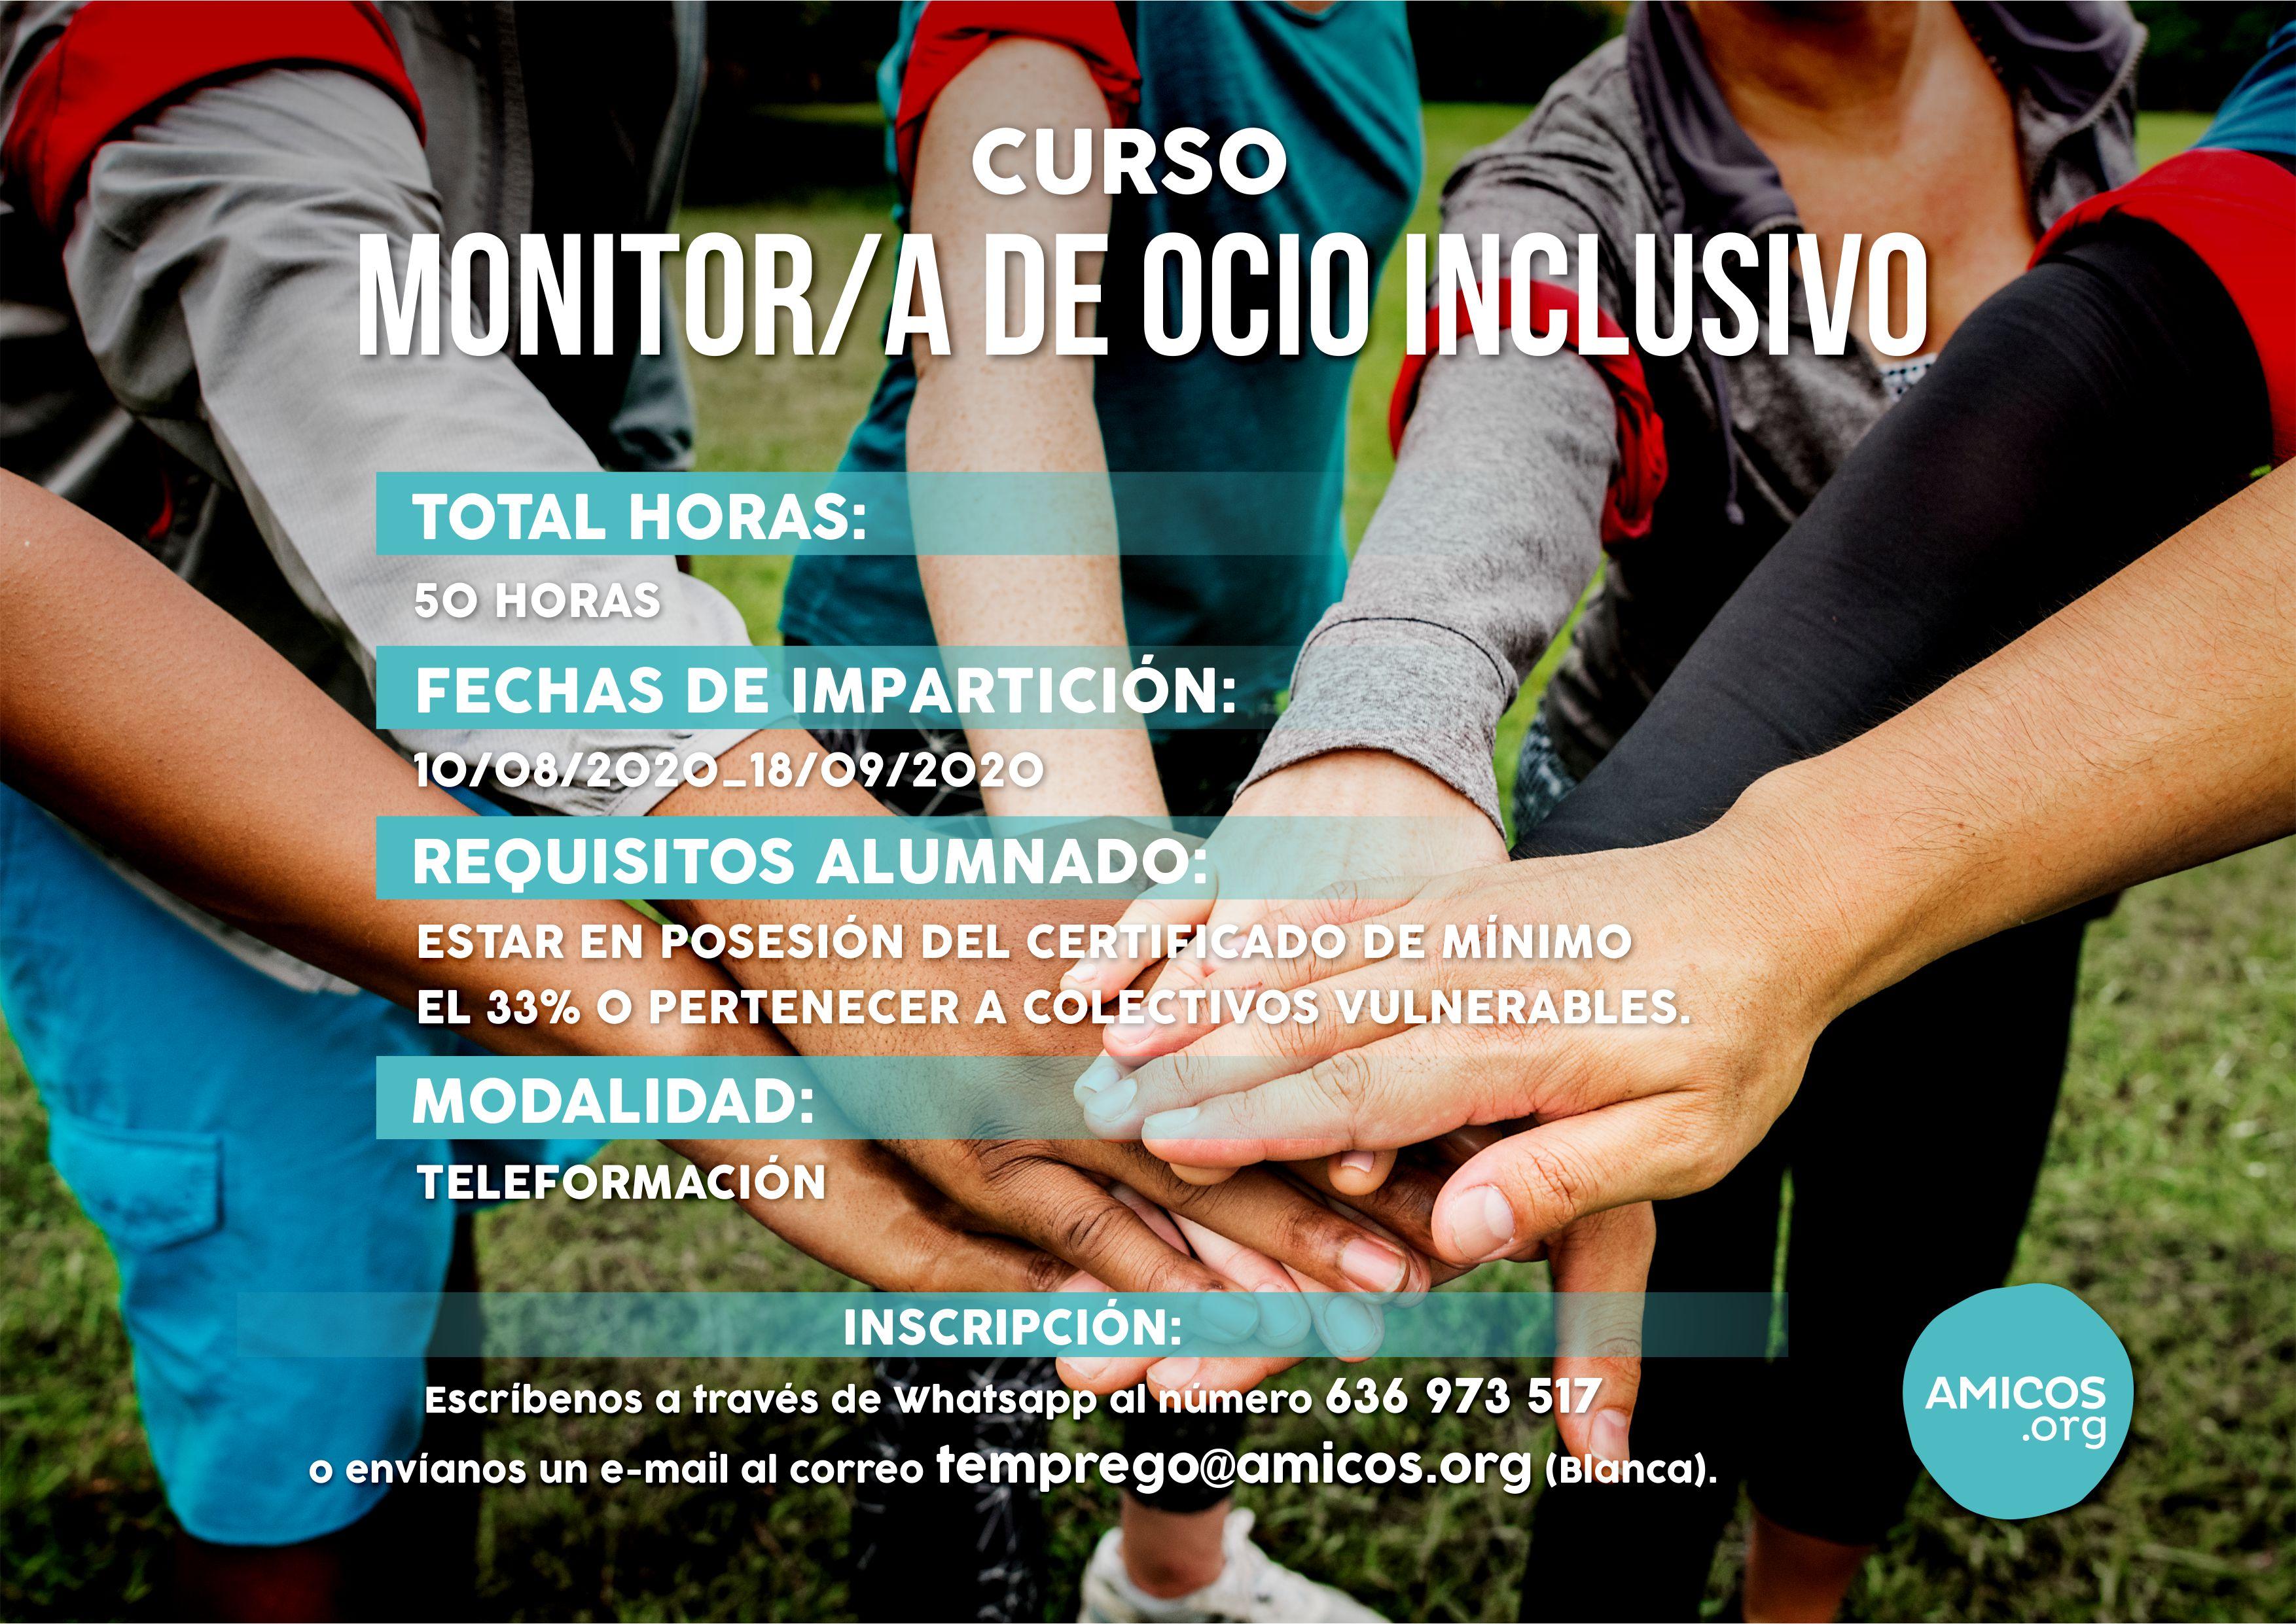 CURSO MONITOR OCIO INCLUSIVO (2)